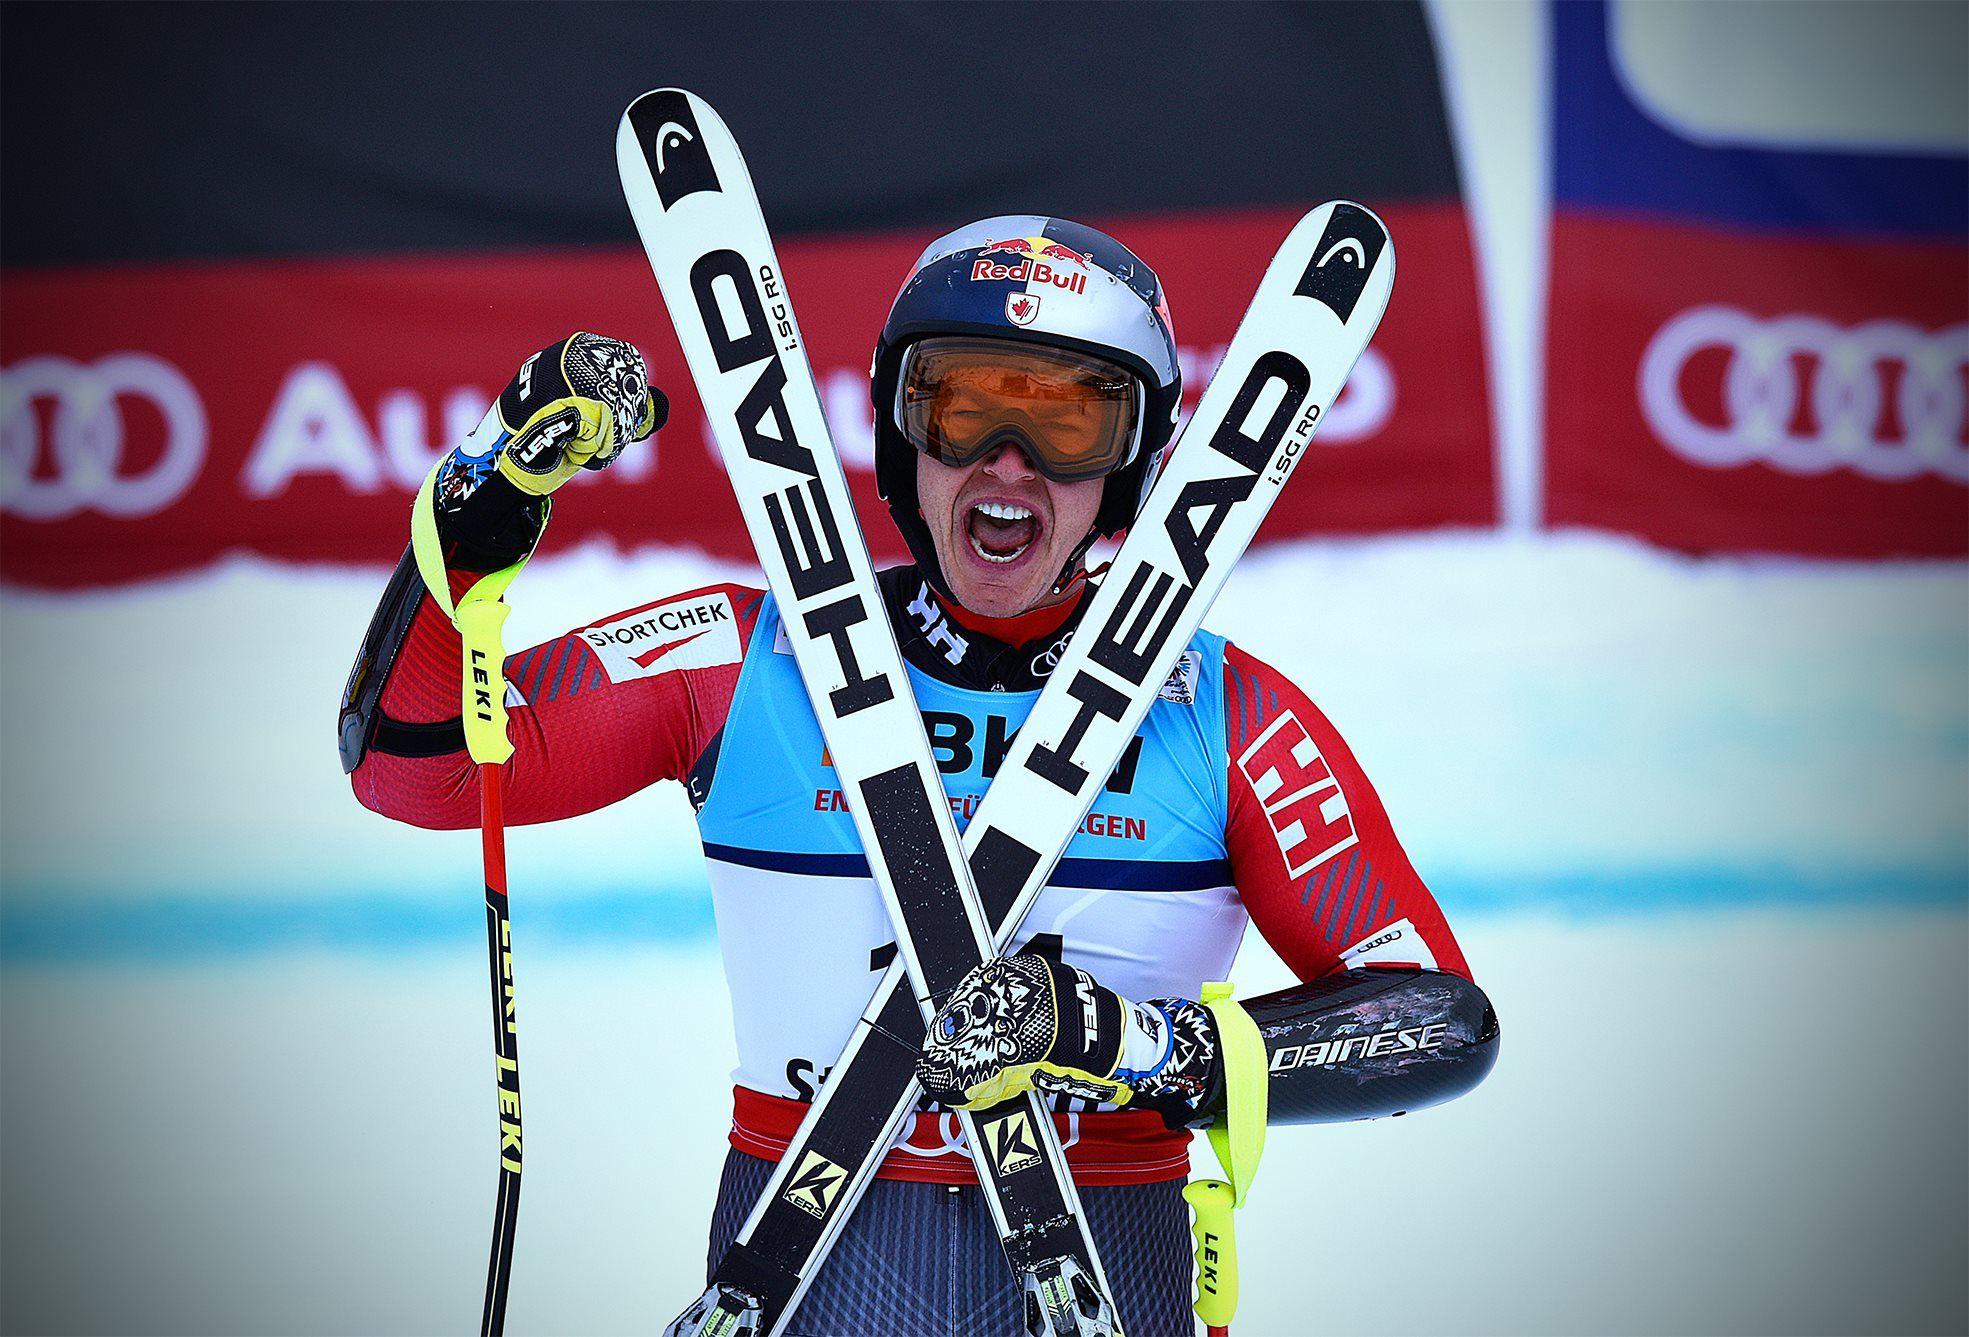 Erik Guay se cuelga el oro en el supergigante de los Mundiales de Saint Moritz.